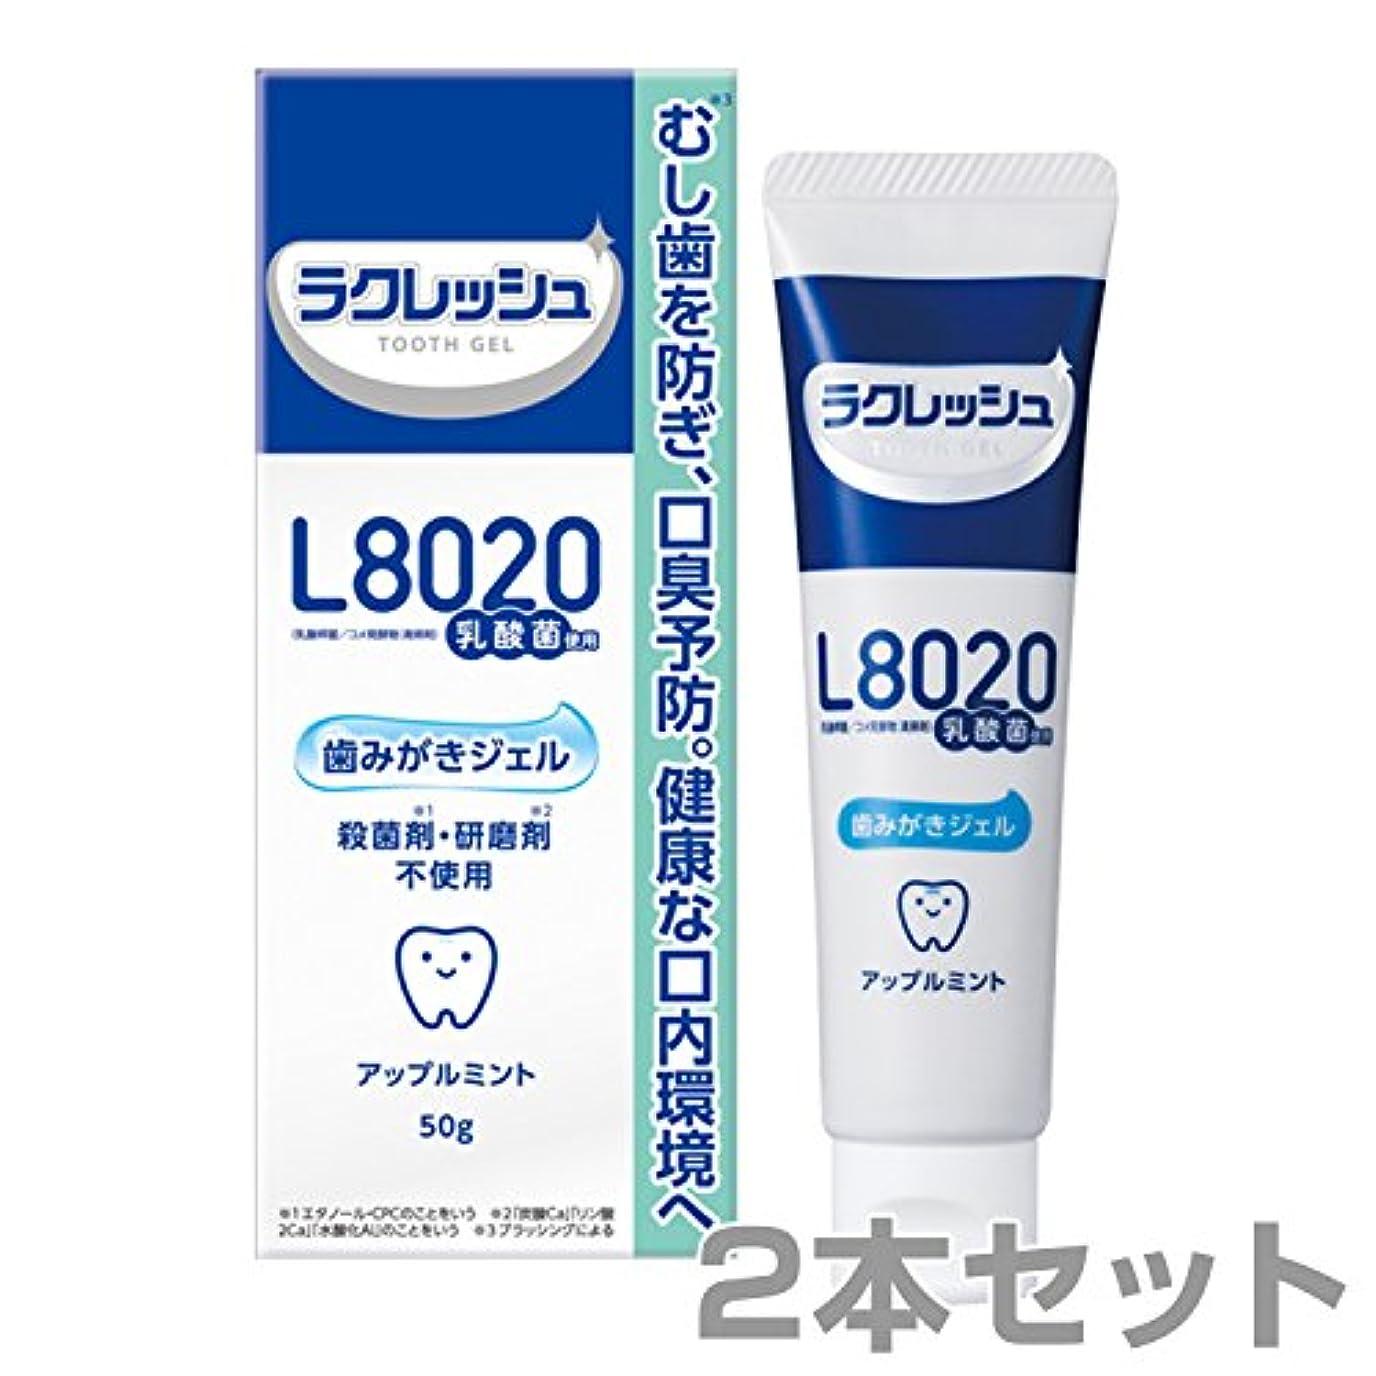 中庭聞くアイドルジェクス(JEX) ラクレッシュ L8020 乳酸菌 歯みがきジェル (50g) 2本セット アップルミント風味